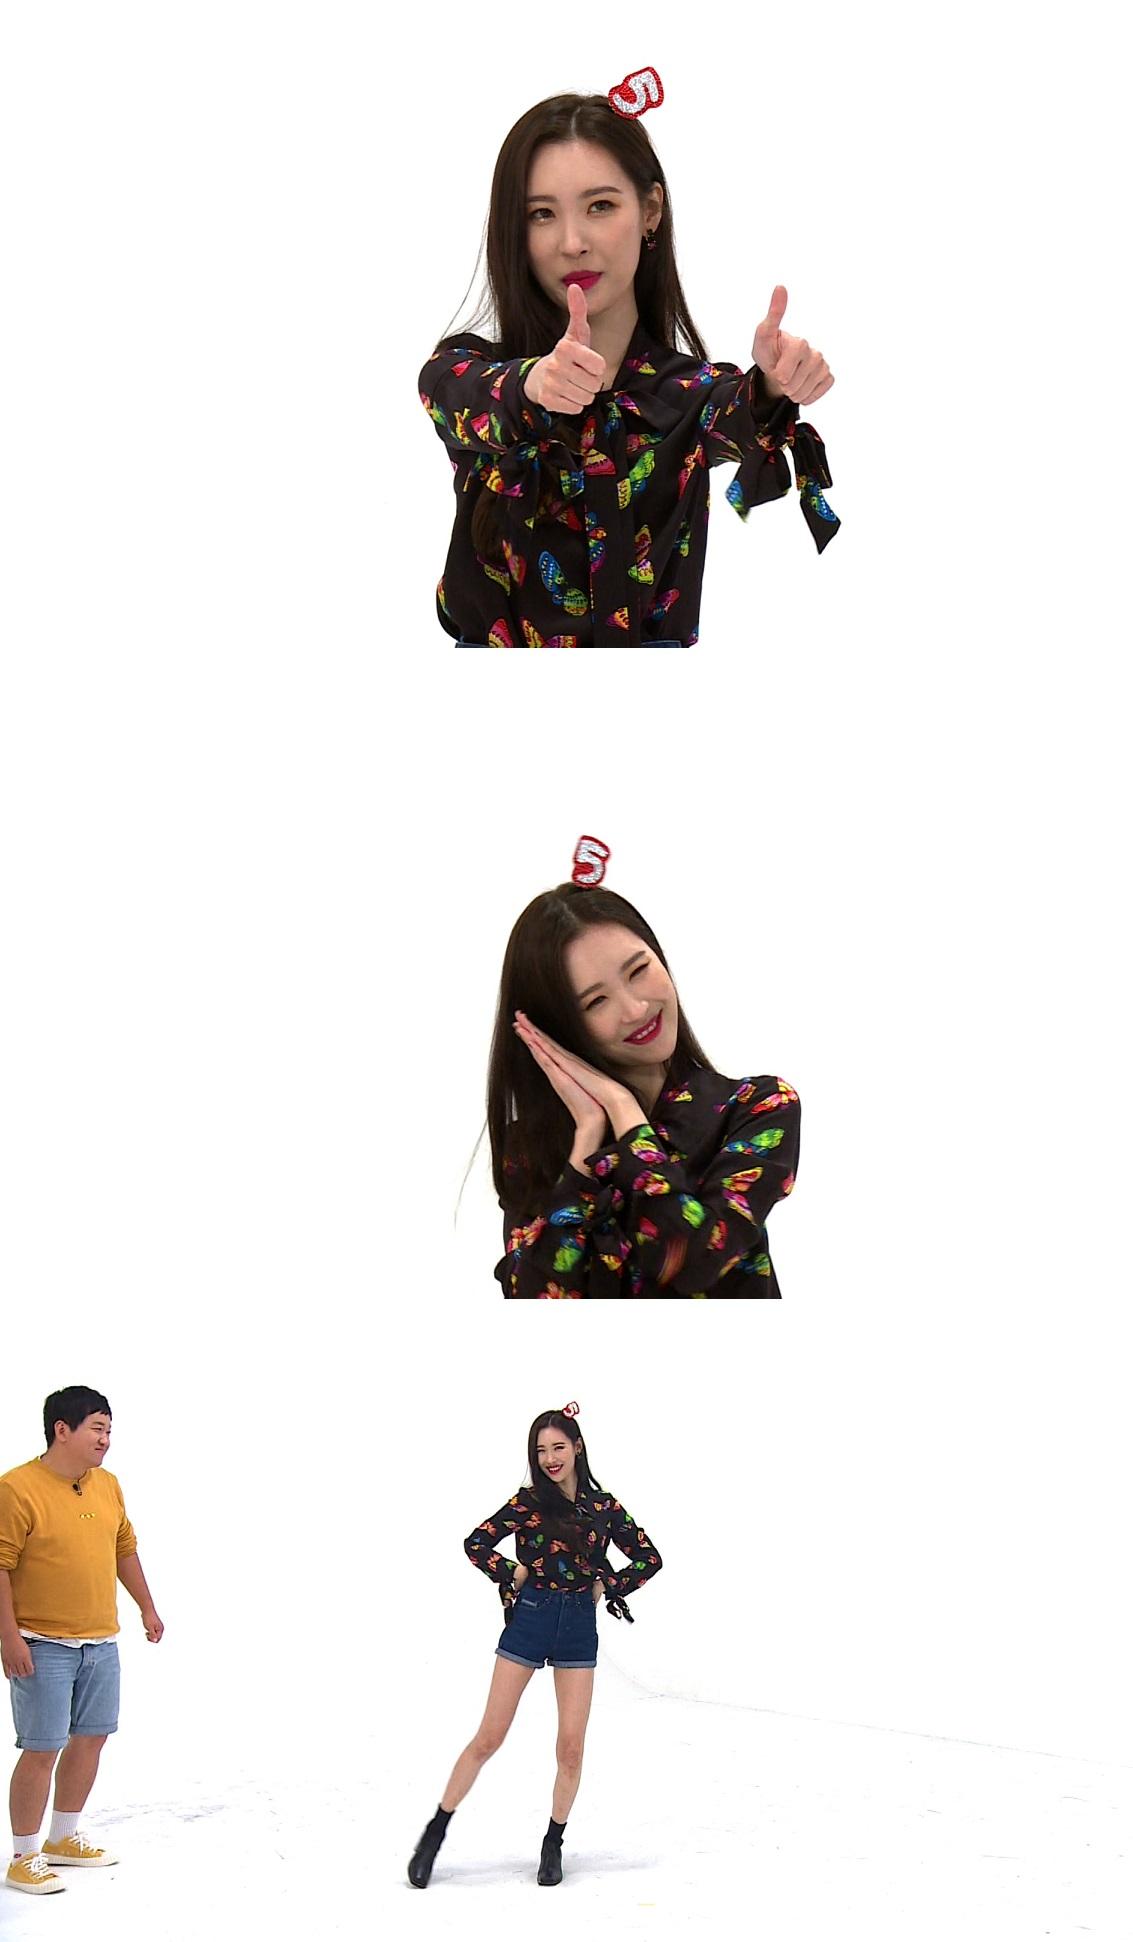 <주간아이돌> 선미, 여자친구 엄지 팬심에 응답→완벽 커버댄스 '감탄'